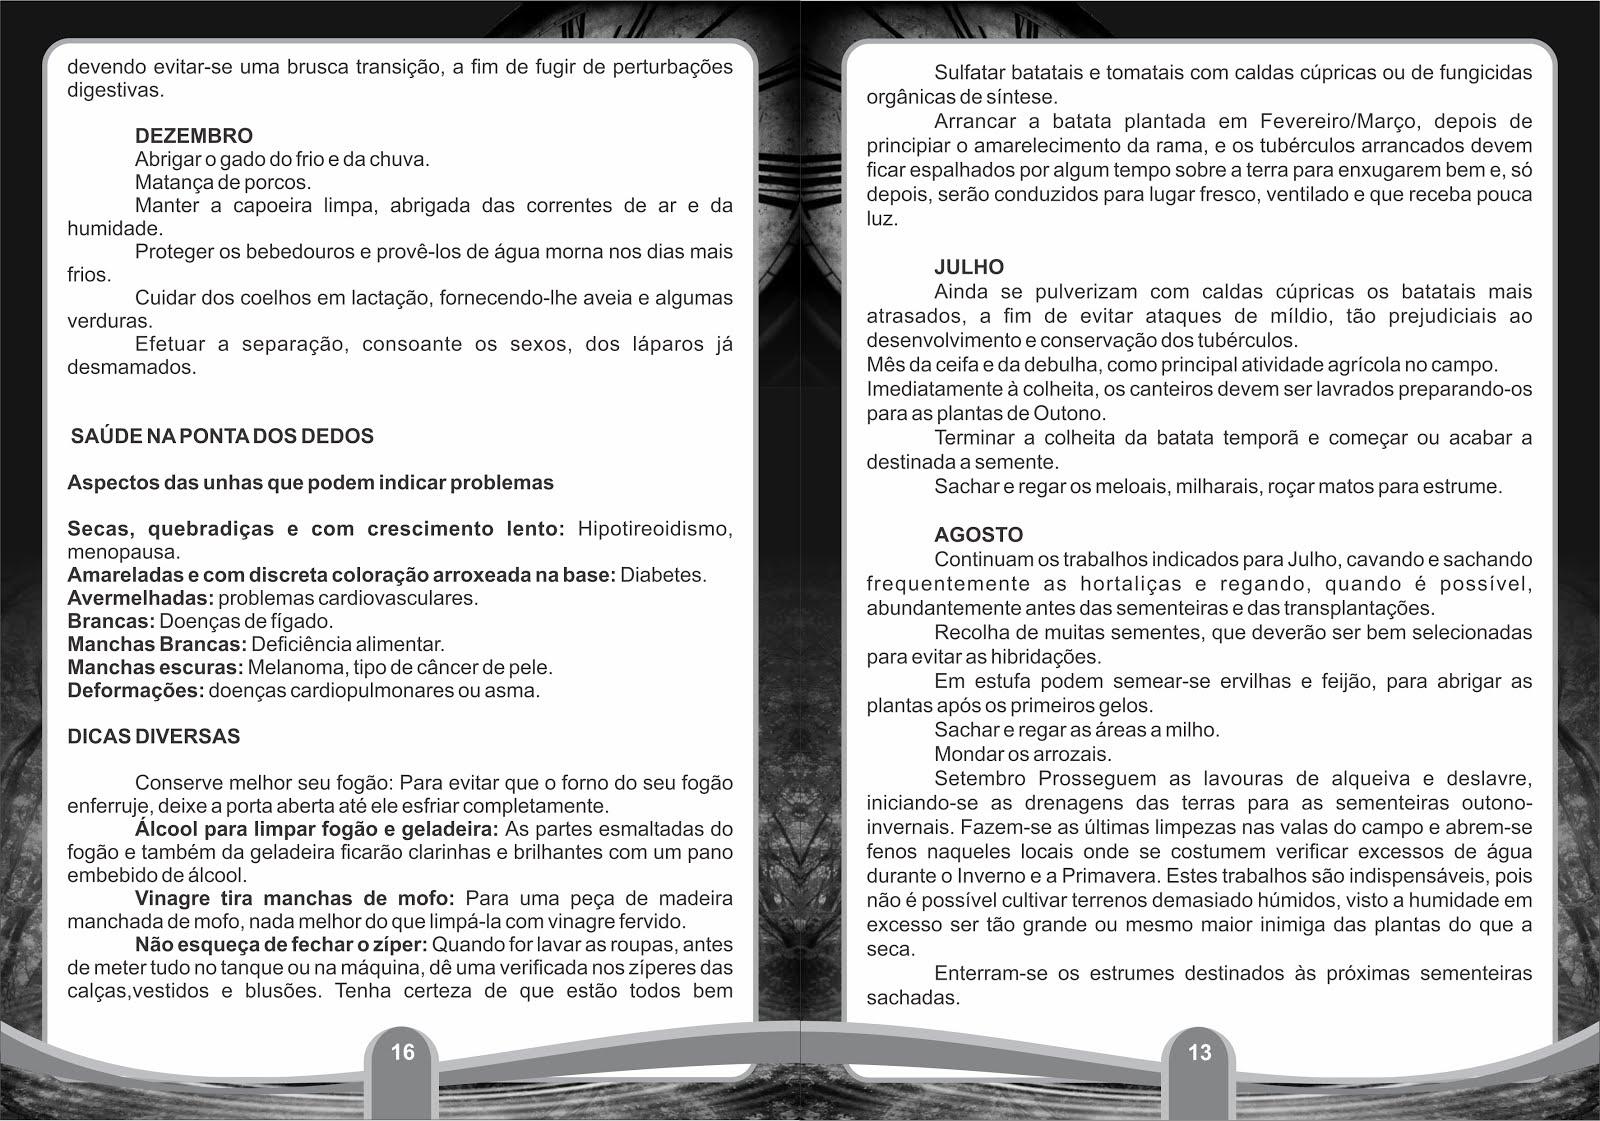 LEIA COM ATENÇÃO E VEJAM AS  CURIOSIDADES NORDESTINAS